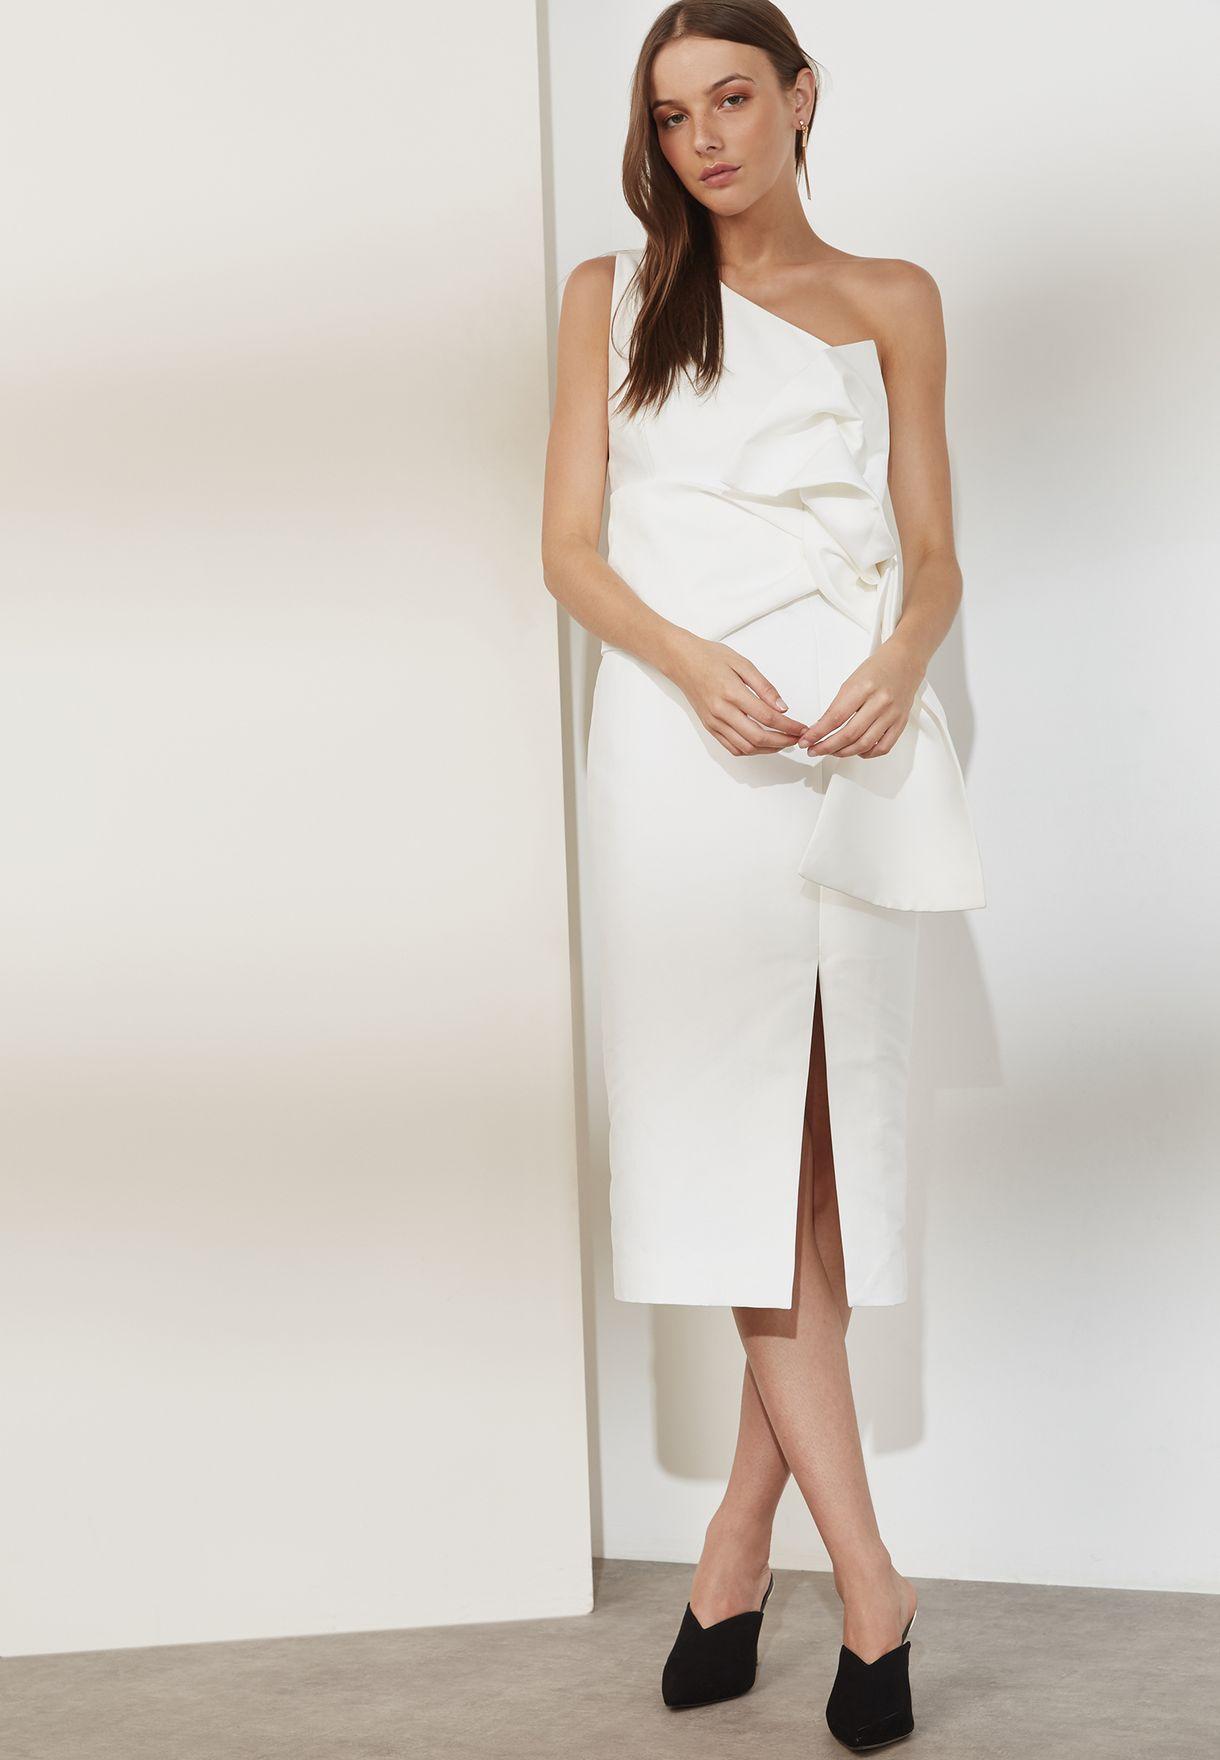 bfe94a59a6d84 تسوق فستان بكتف واحد وشق جانبي ماركة كيب سايك لون أبيض KX170716D في ...